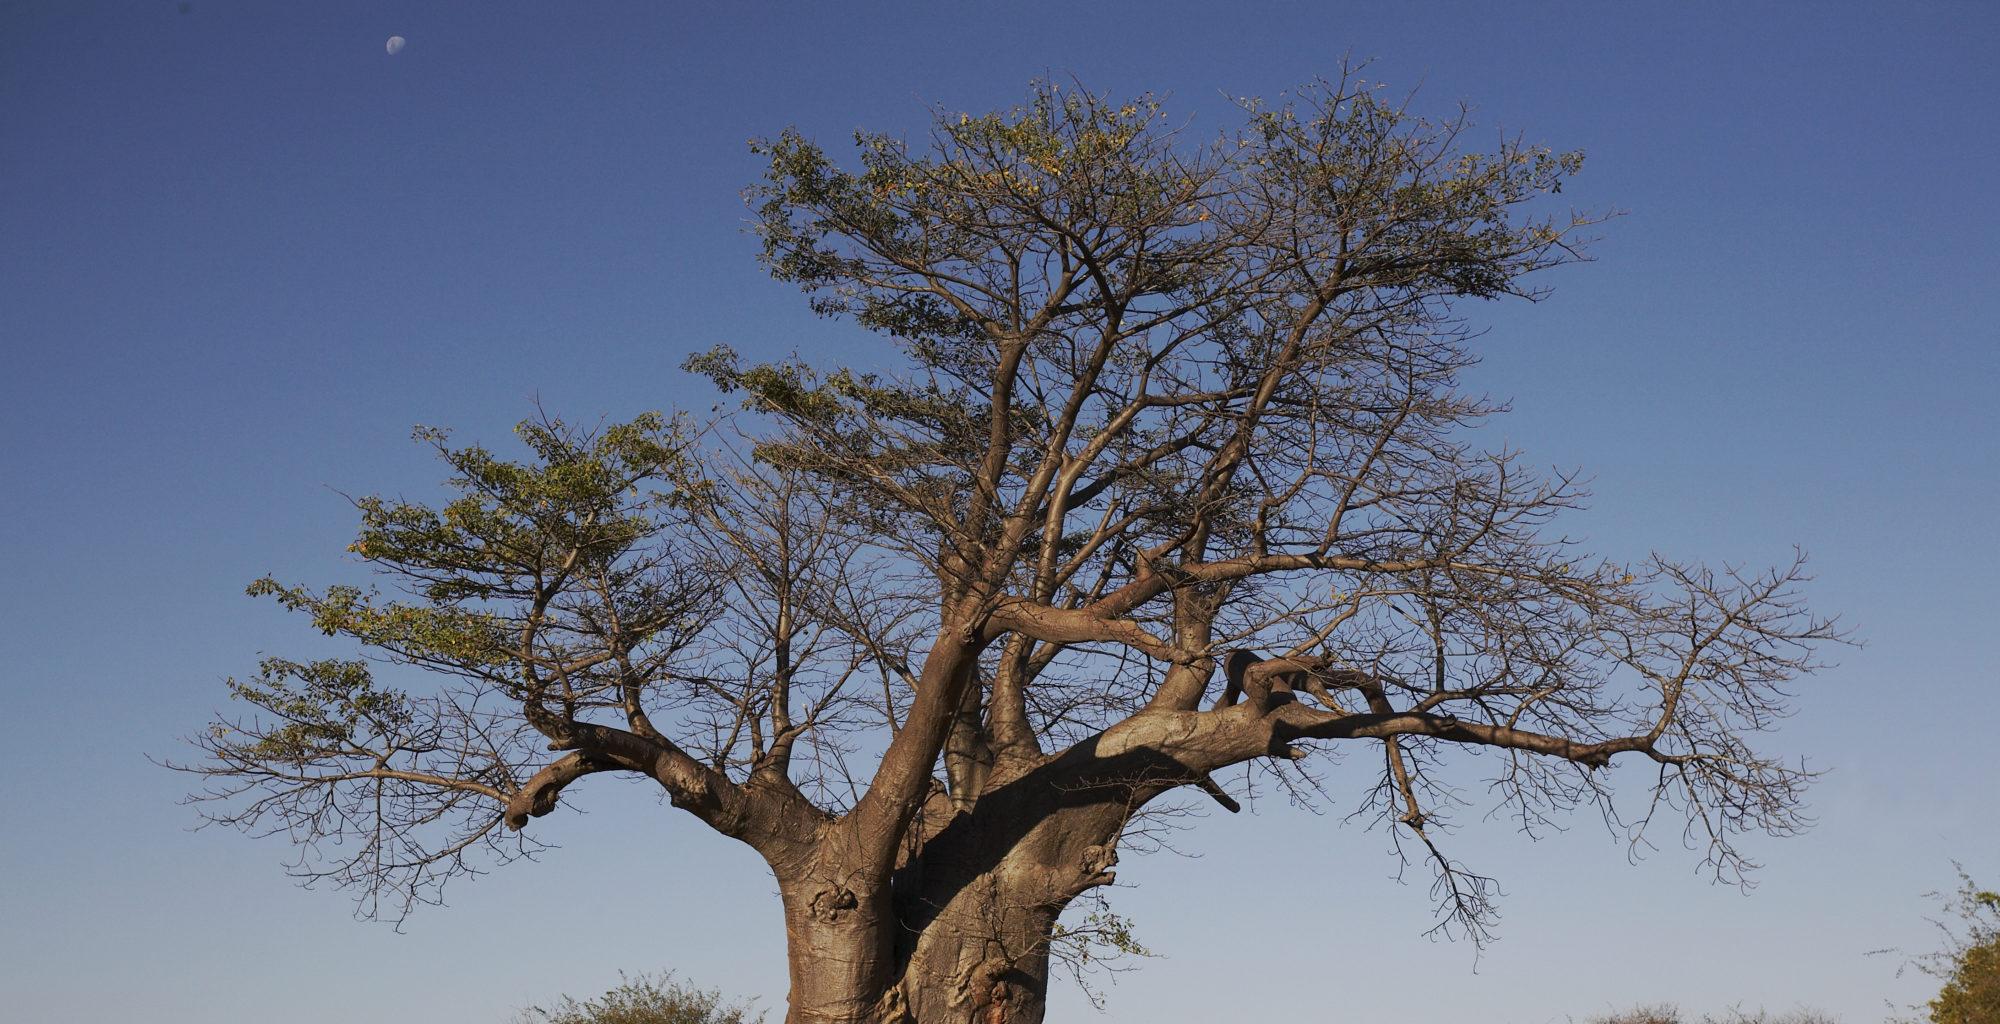 Island-of-Siankaba-Zambia-trees